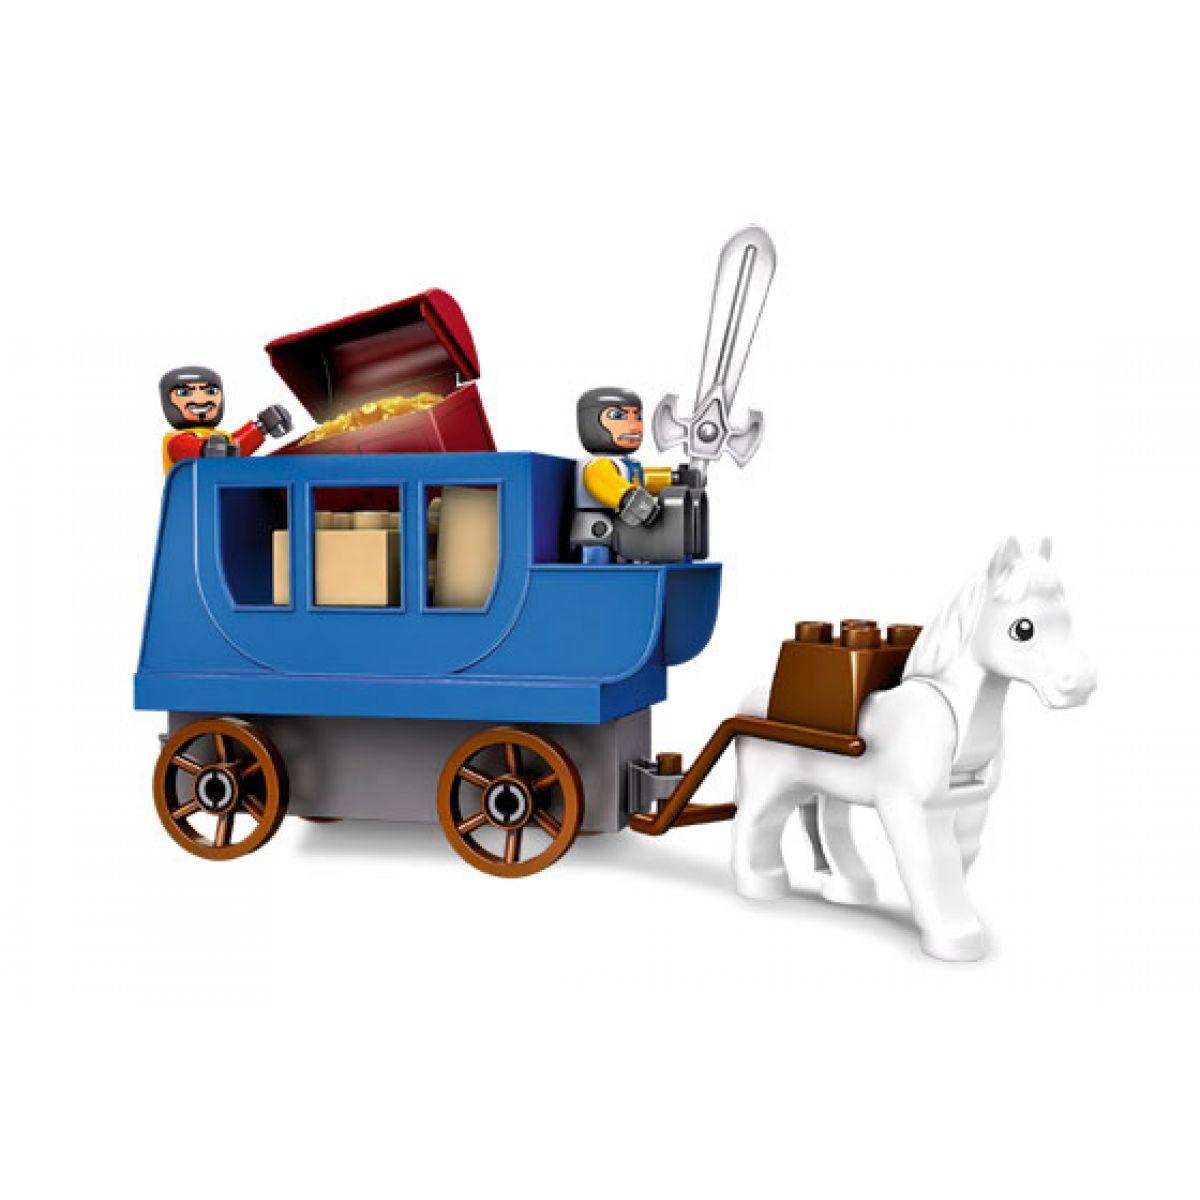 LEGO DUPLO Hrady - Přepadení #3